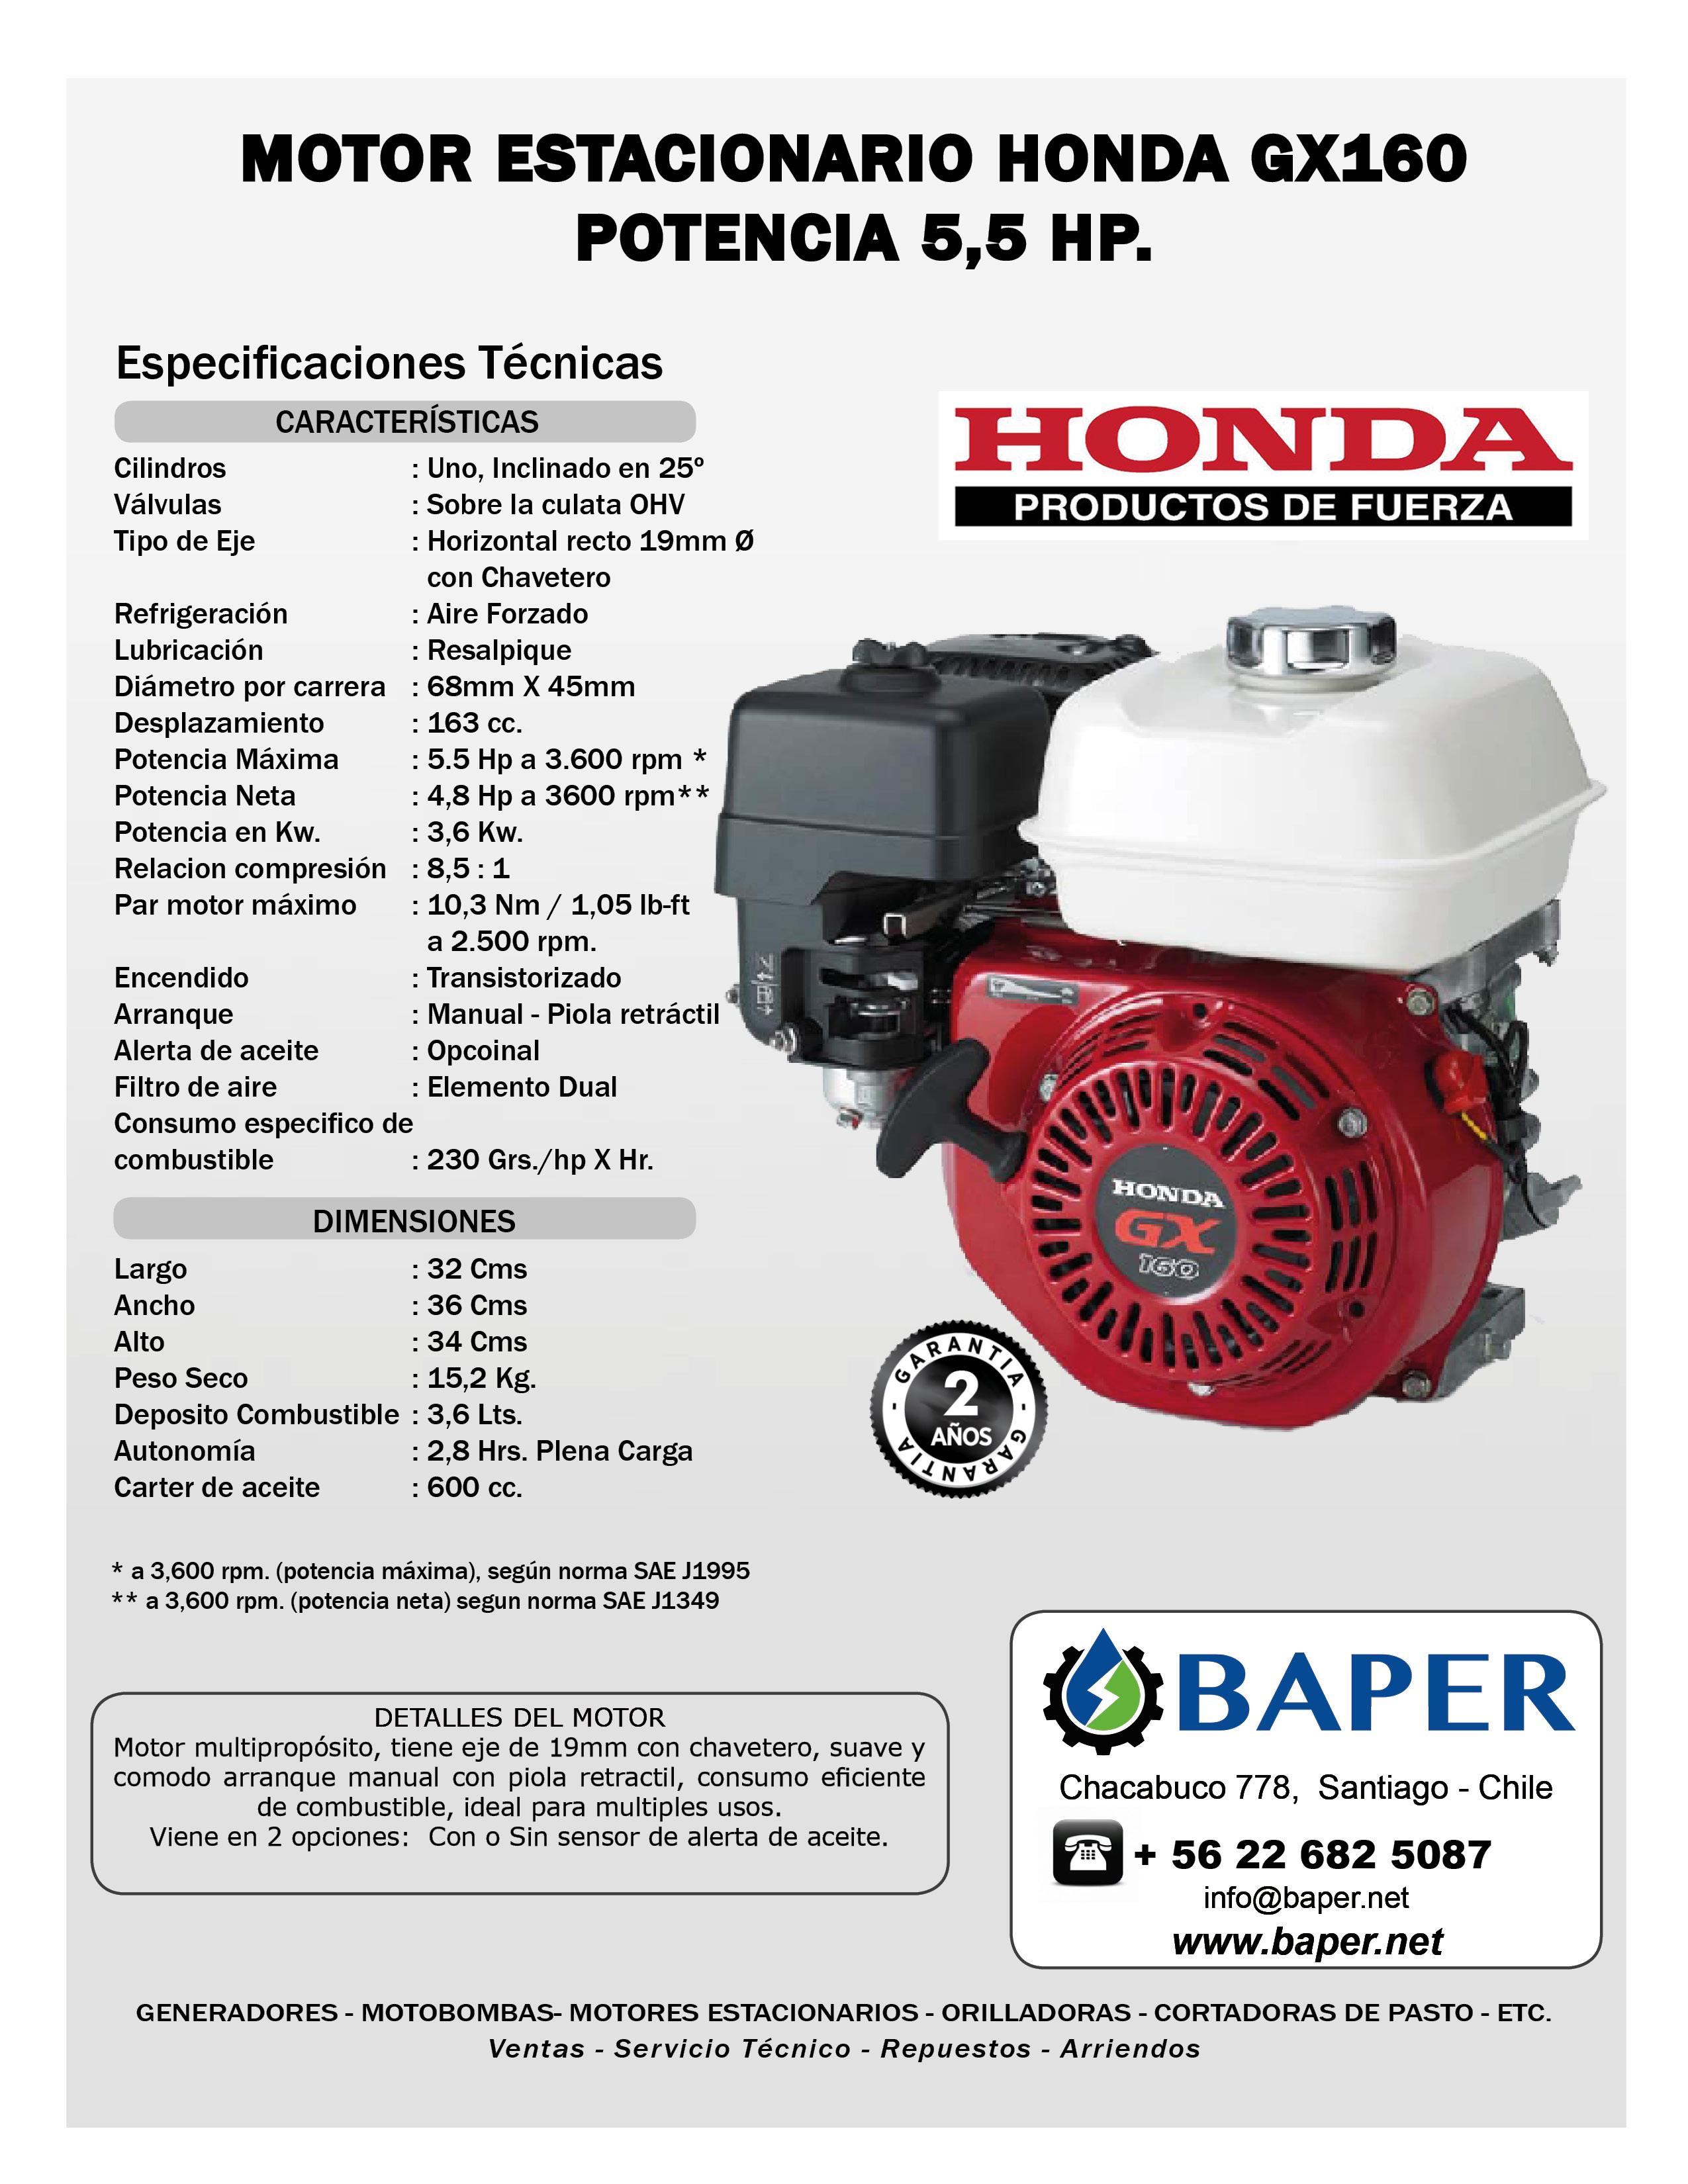 Honda gx160 5.5 hp manual